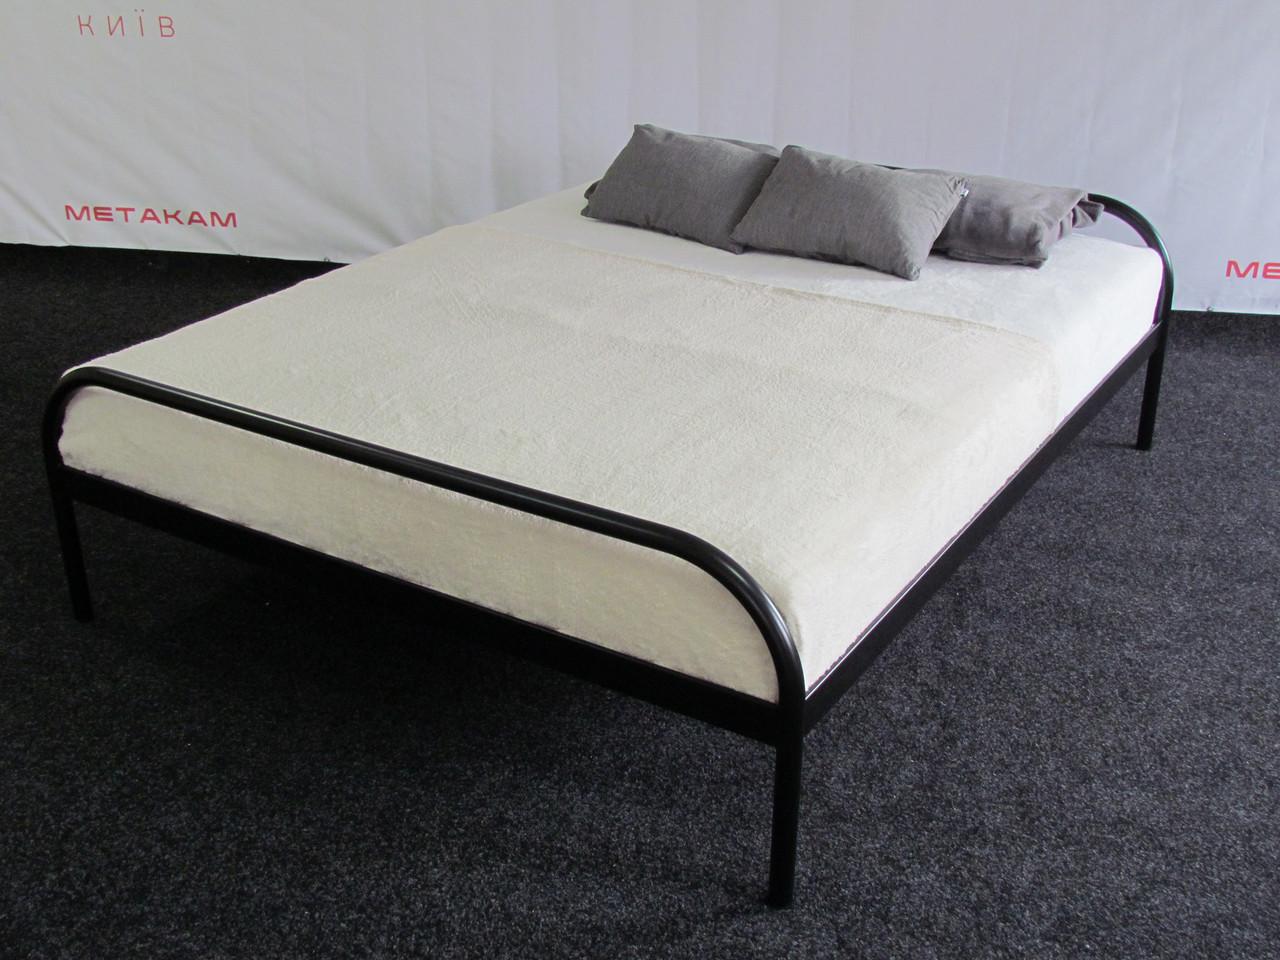 Кровать металлическая Амстердам - 2 (Amsterdam)